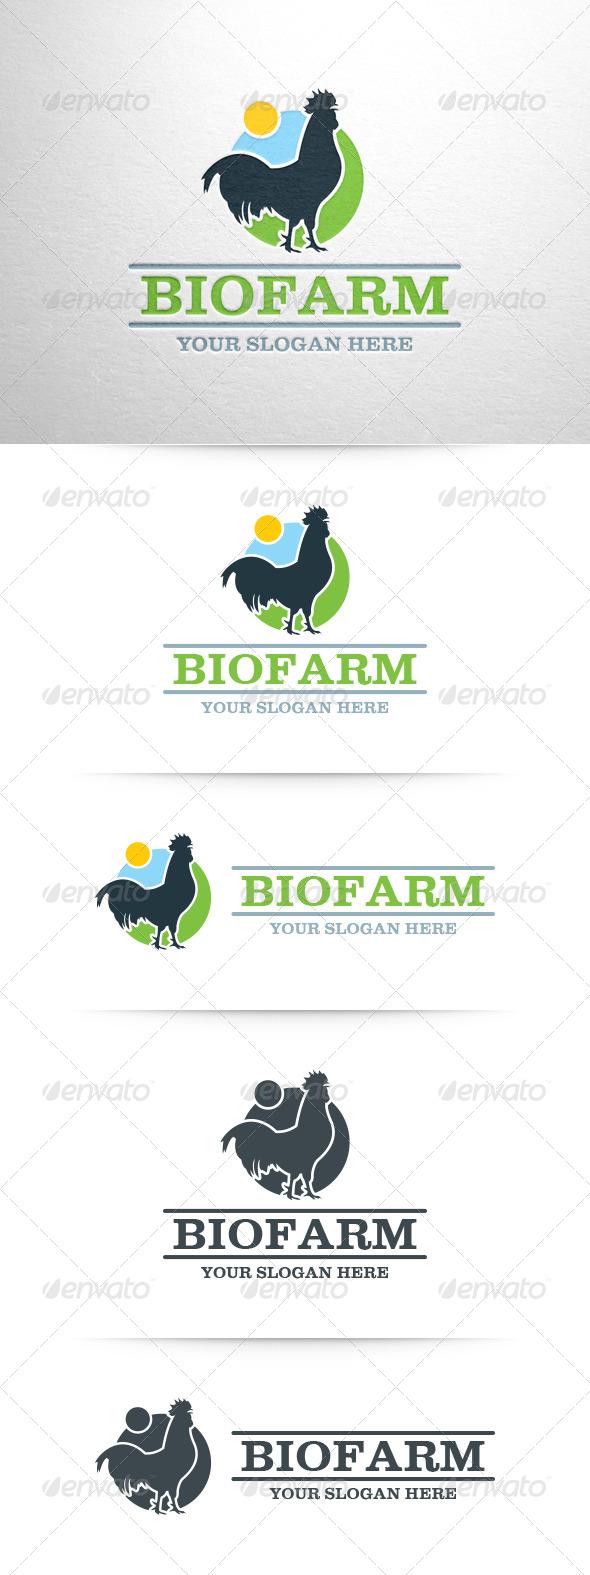 GraphicRiver Bio Farm Logo Template 6518703